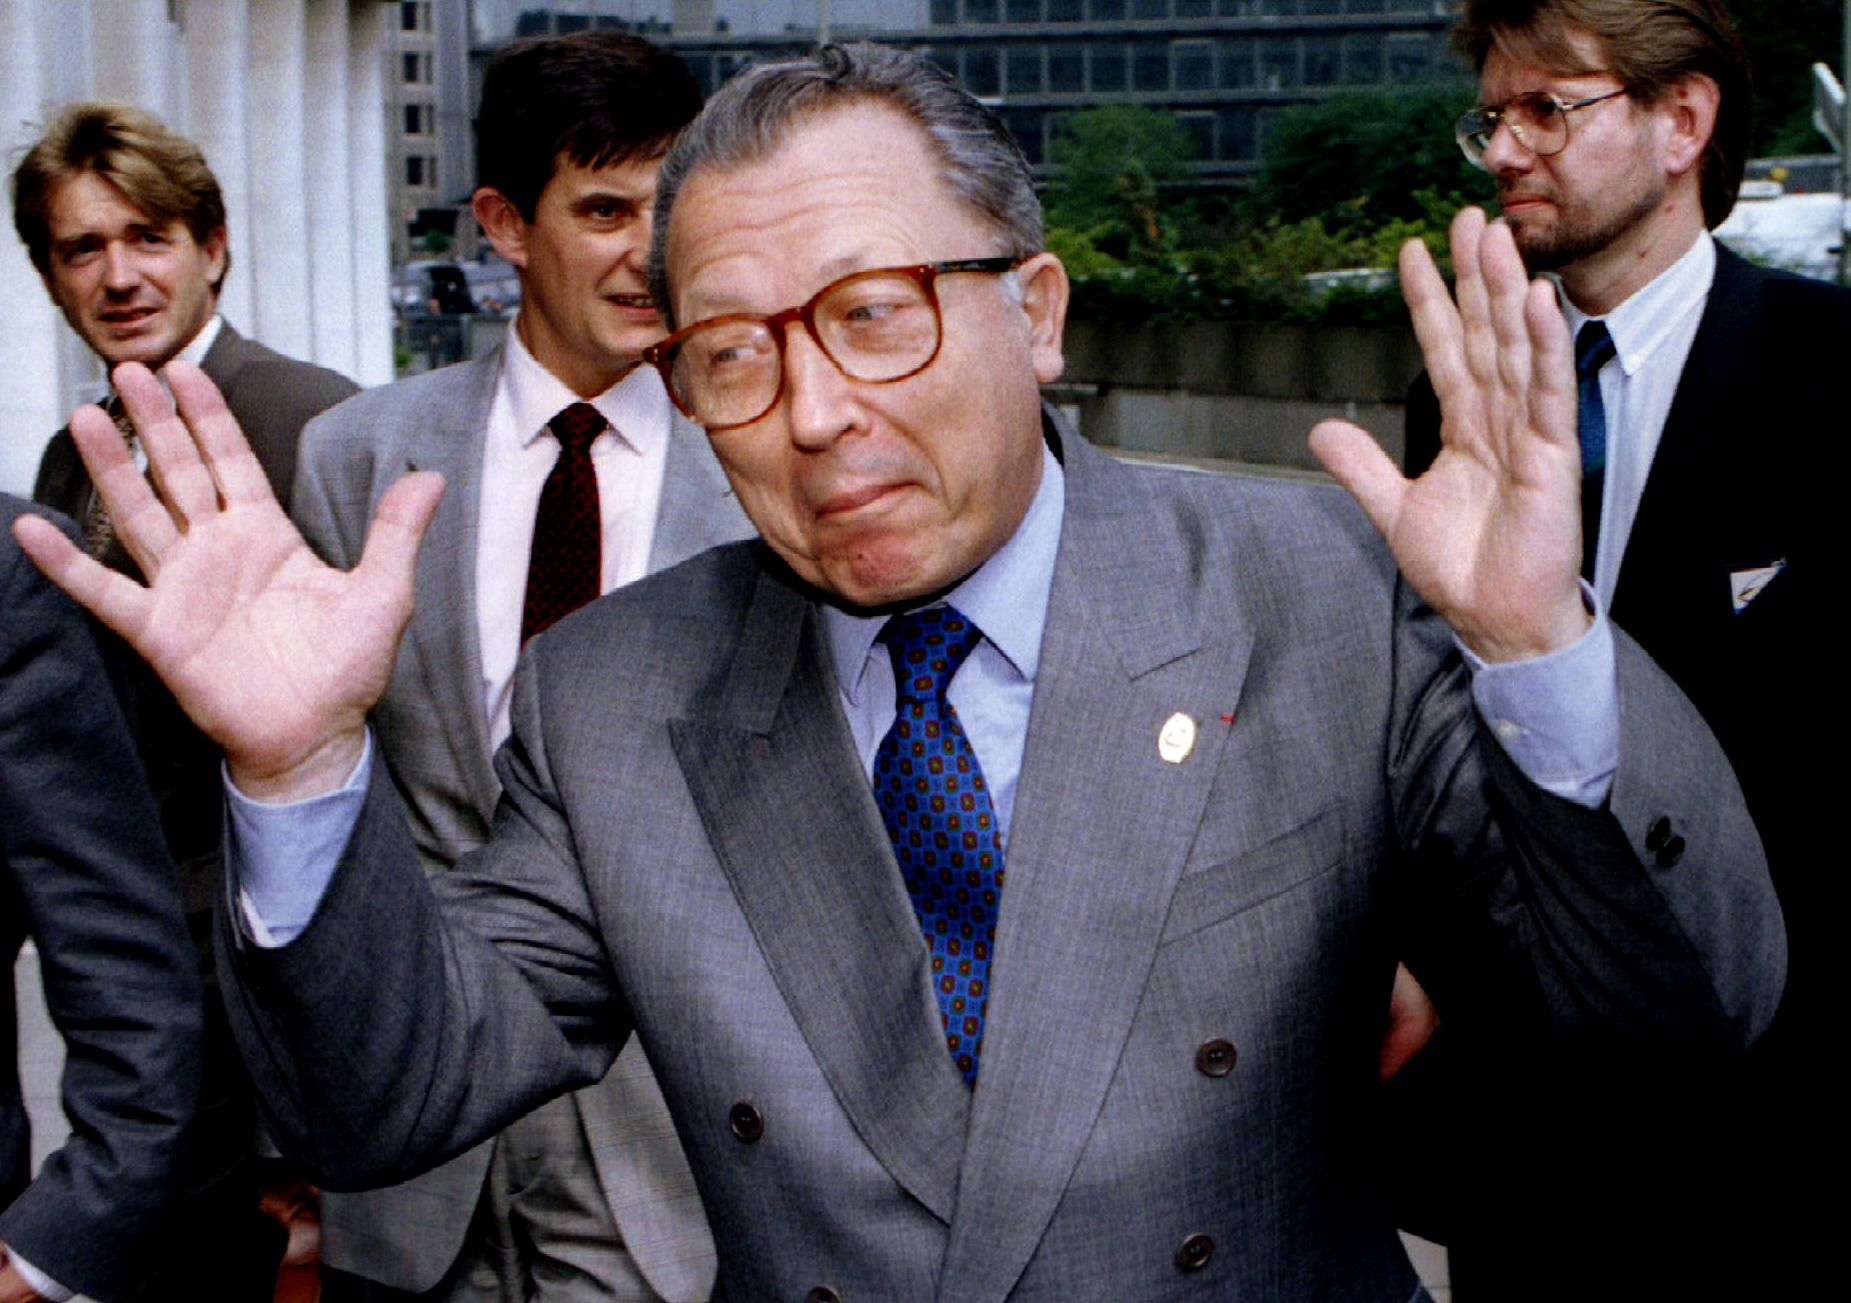 Et si Jacques Delors, leader venu de la social-démocratie, avait une importante part de responsabilité dans la crise que traverse la zone euro ?